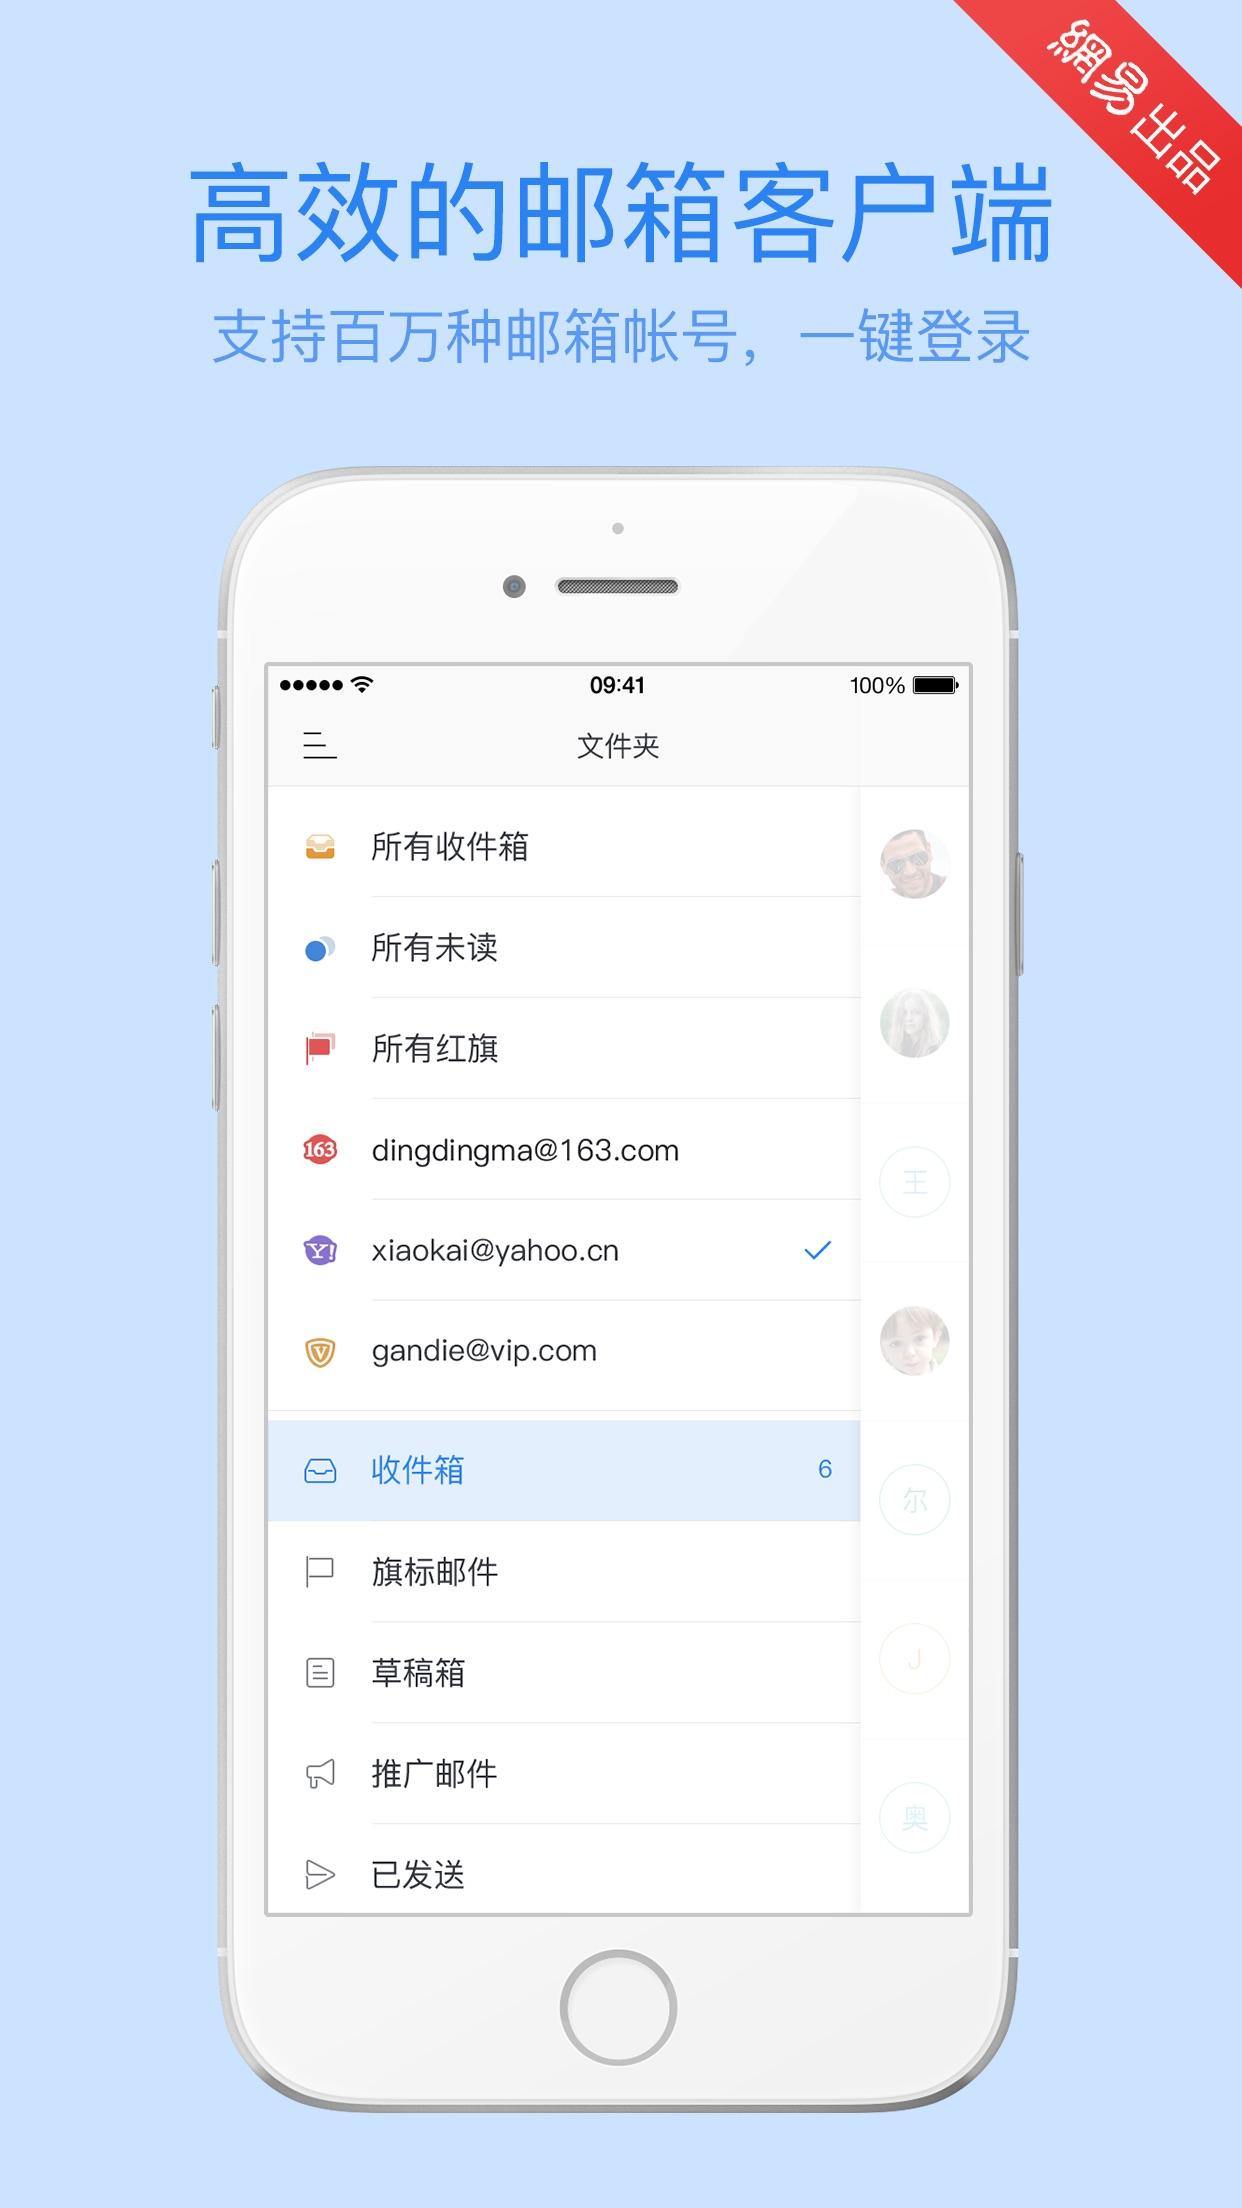 网易邮箱大师 Pro Screenshot